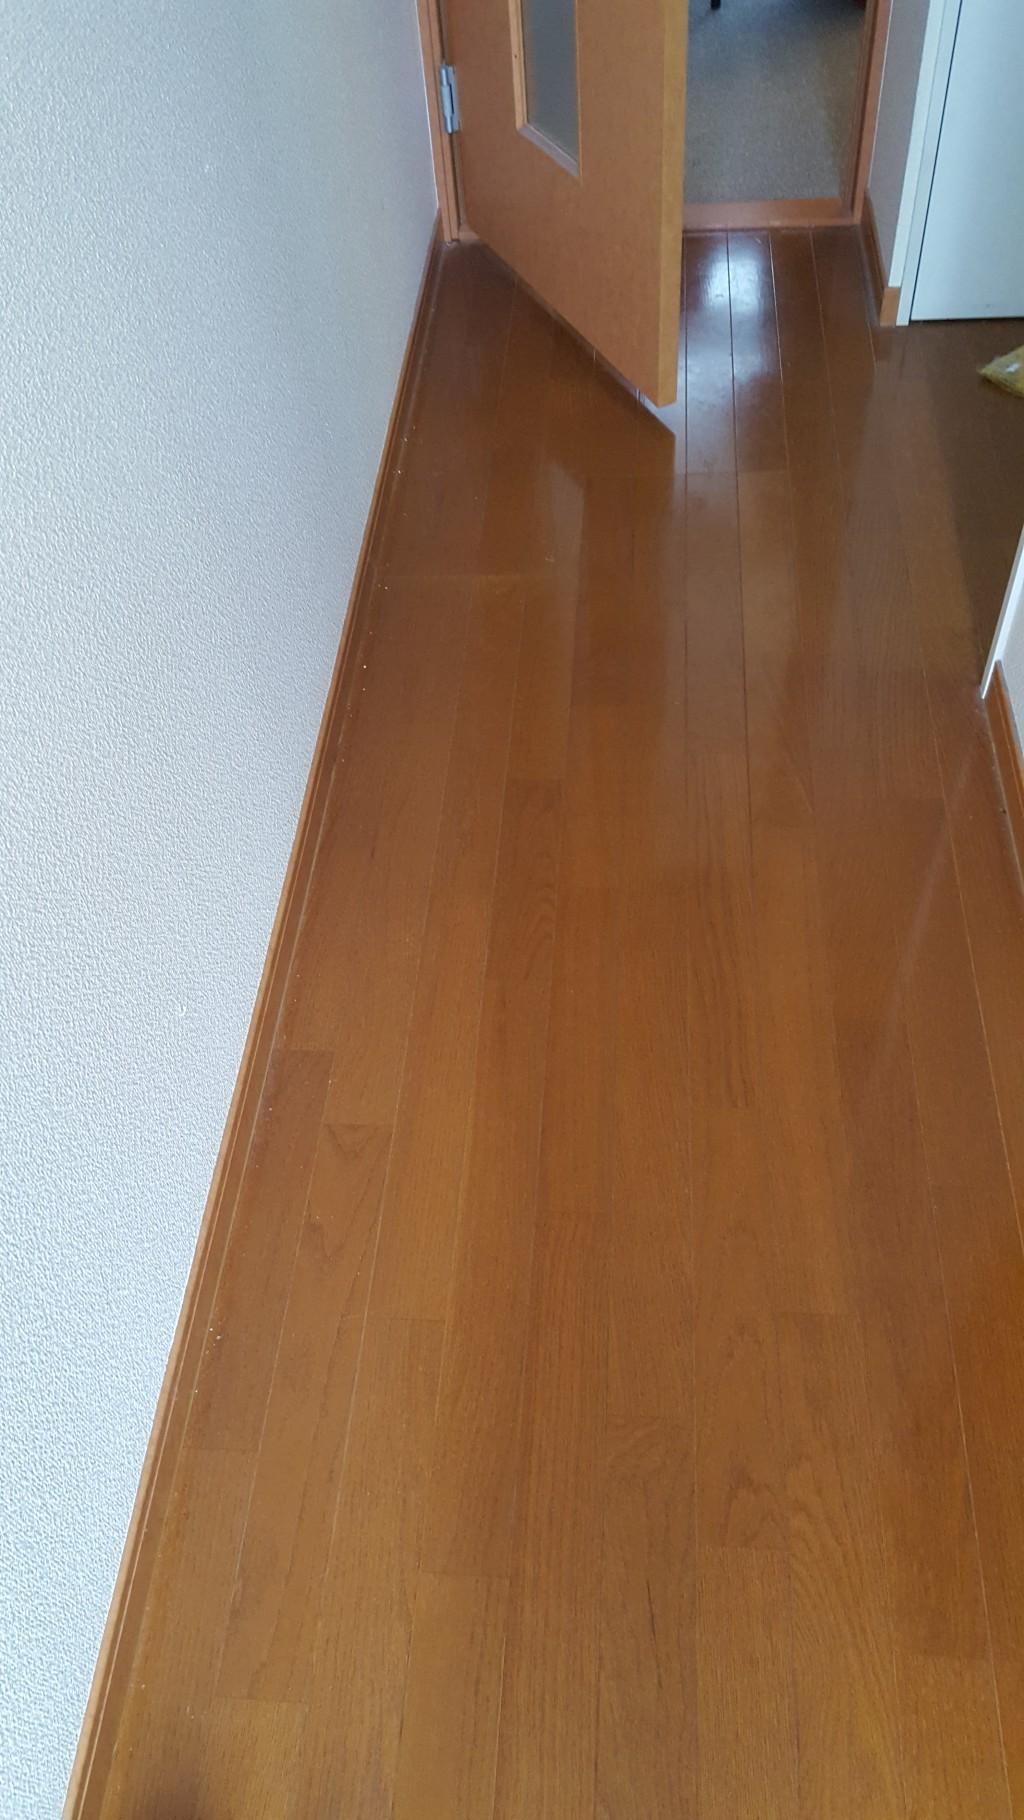 【岡山市北区】積み放題プランでの回収☆お得に多くの不用品を処分でき、満足していただきました!